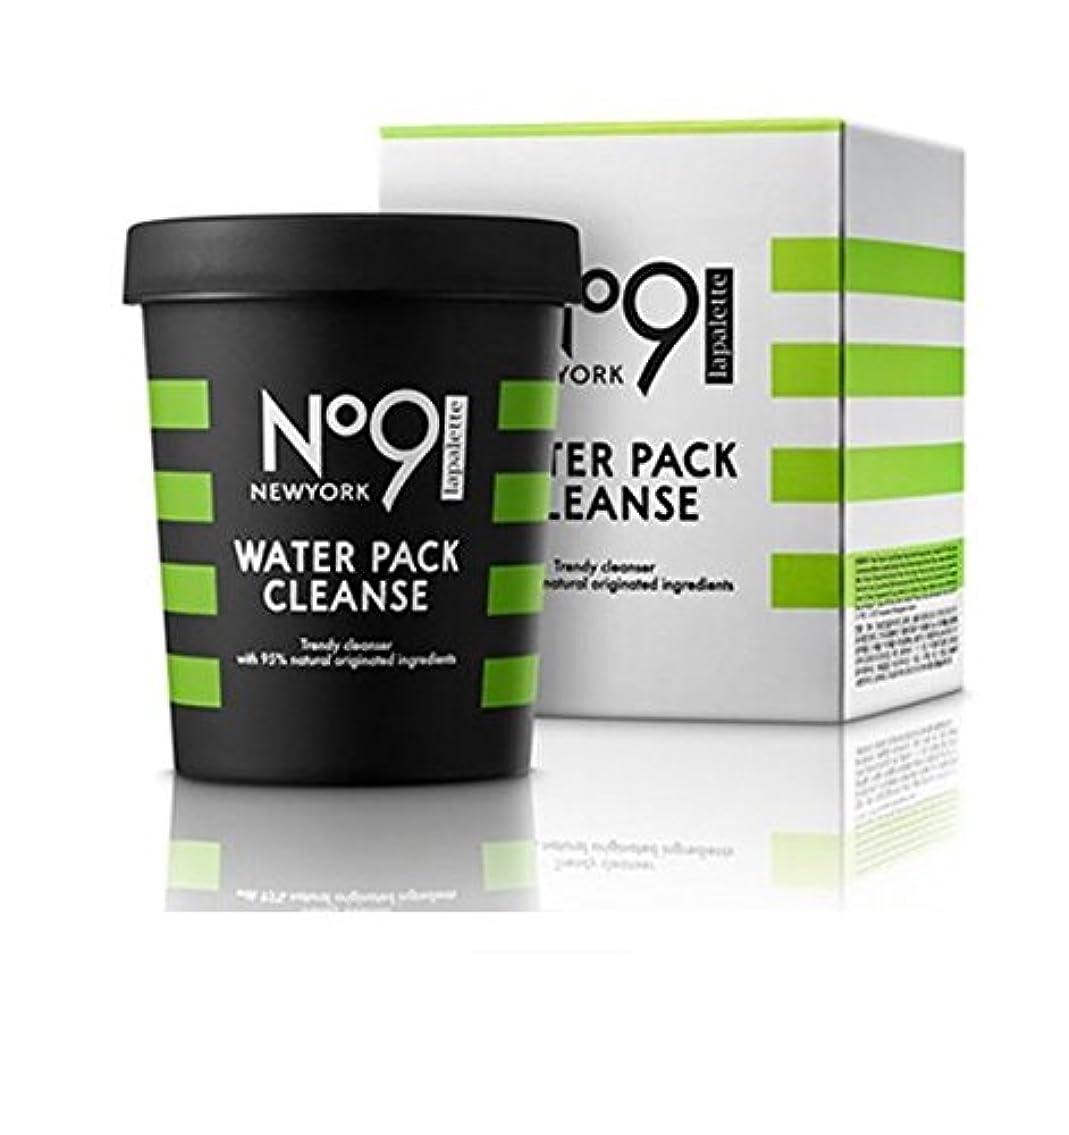 補充アスレチックシガレットlapalette (ラ パレット) No.9 ウォーター パッククレンザー/No.9 Water Pack Cleanse (250g) (ゼリーゼリーケール(Jelly Jelly Kale)) [並行輸入品]